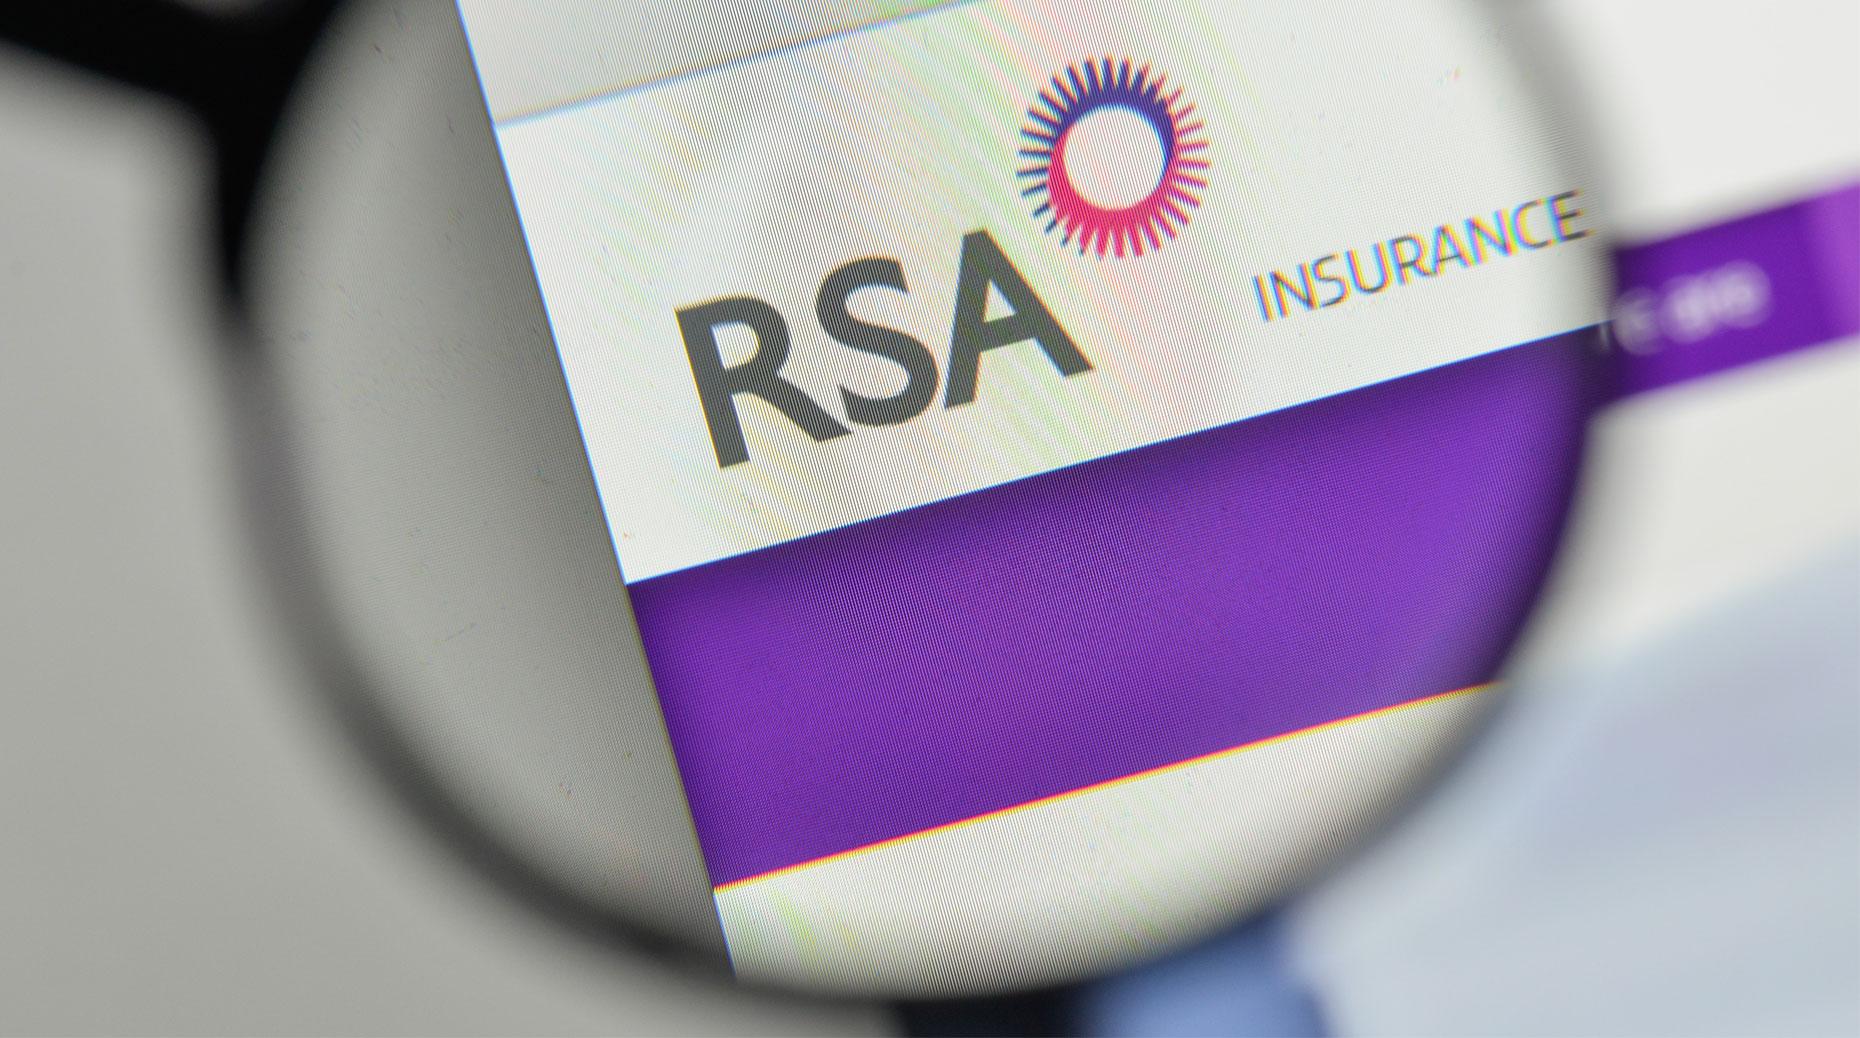 Grands risques : Nouveau départ chez RSA France